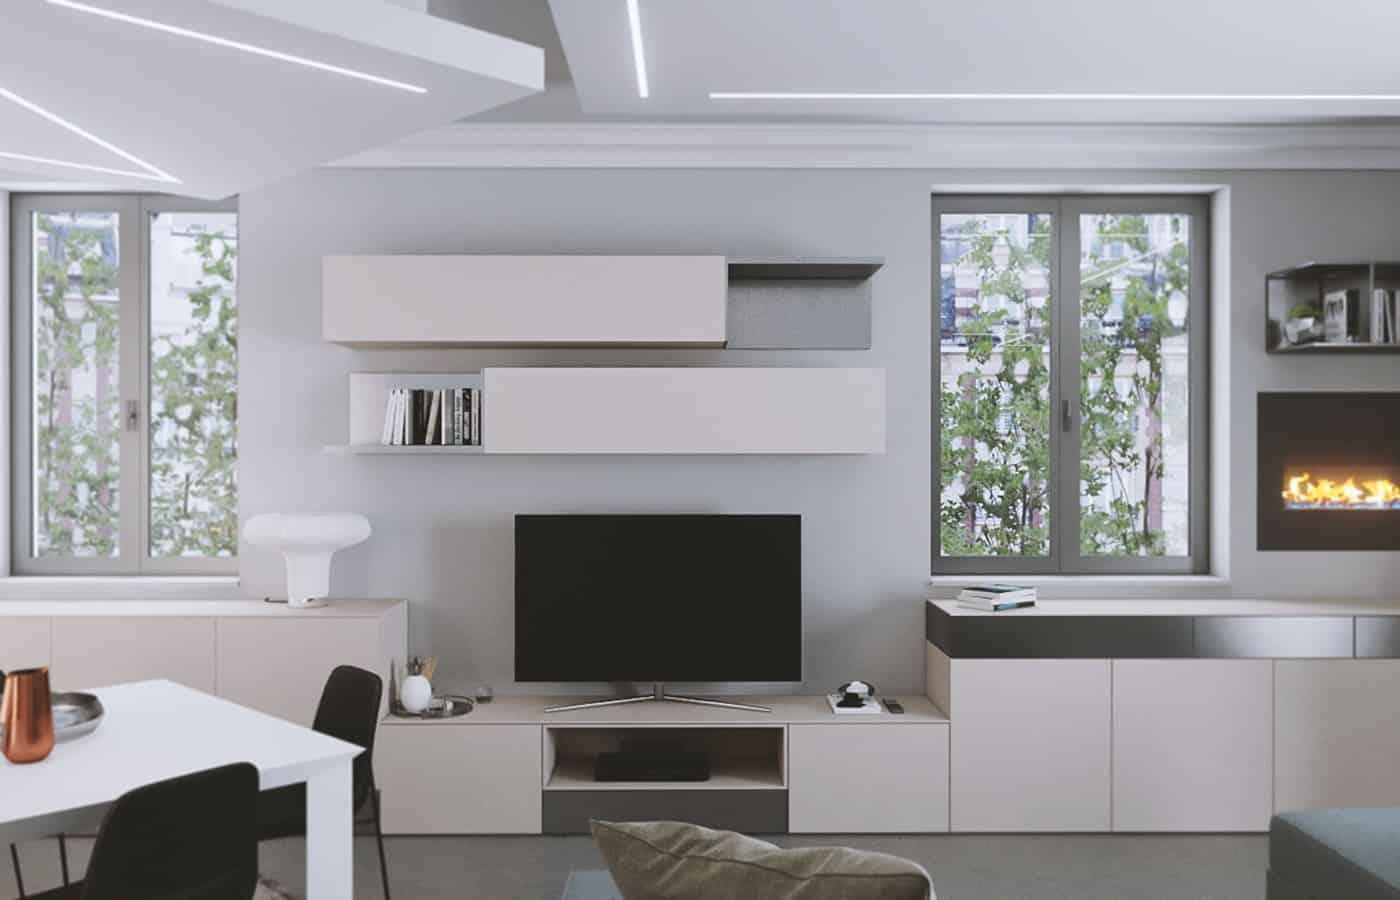 Madia Zona Giorno - Progetto Via Adamello Lomazzo - Il Mobile